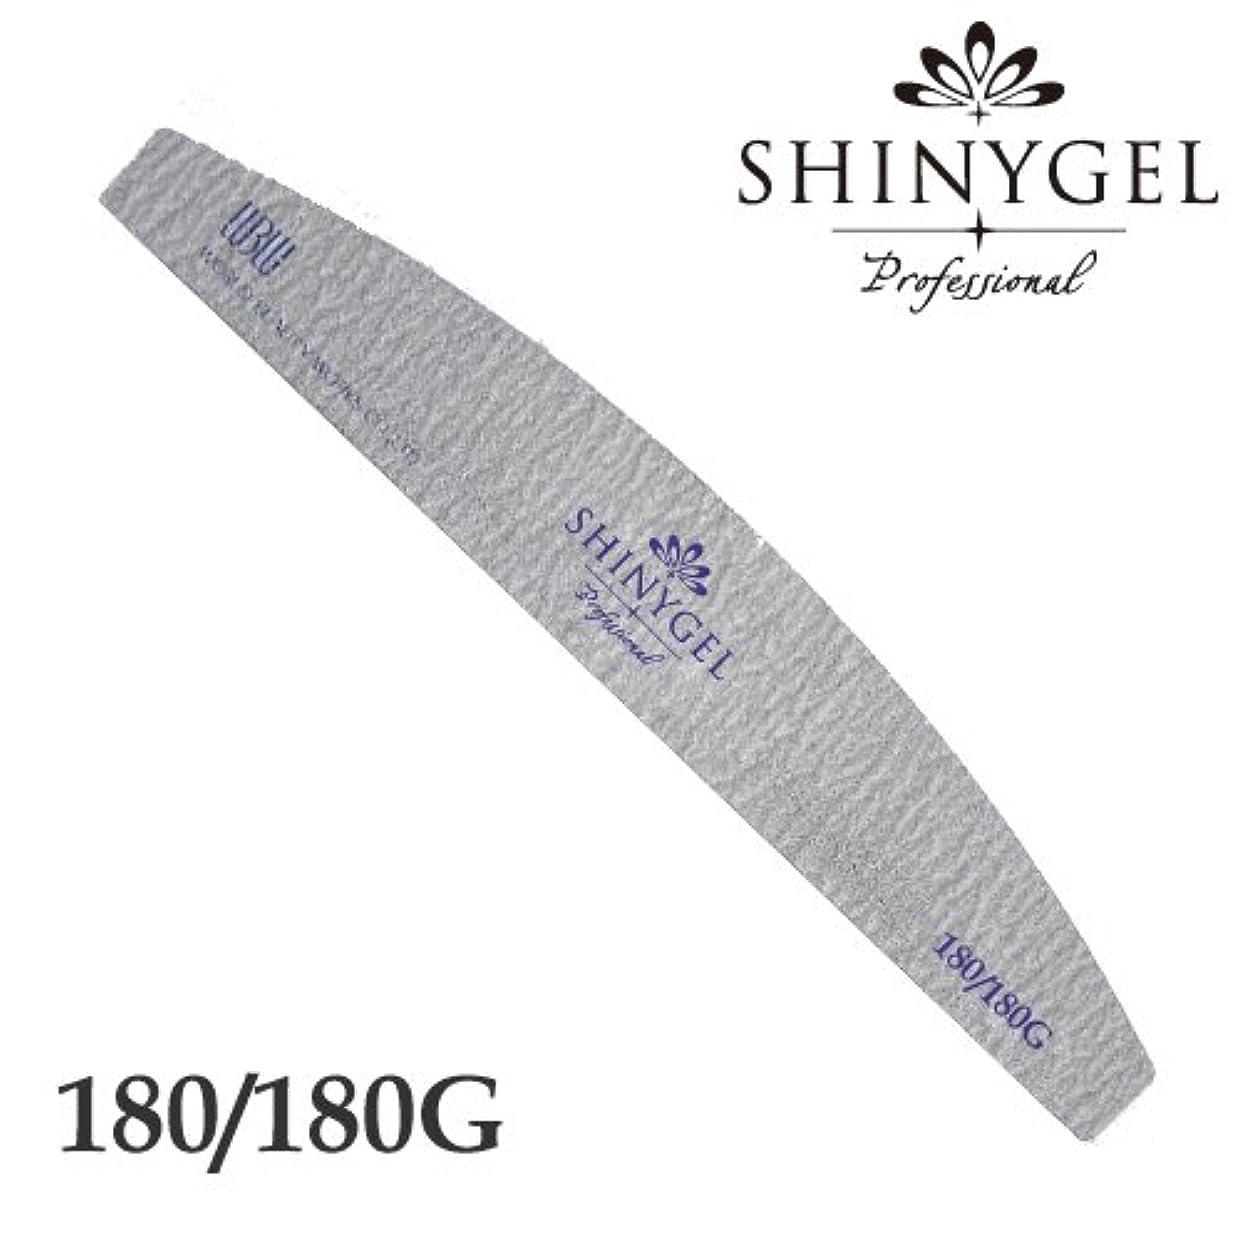 帆内部世辞SHINYGEL Professional シャイニージェルプロフェッショナル ゼブラファイル ホワイト(アーチ型) 180/180G ジェルネイル 爪やすり